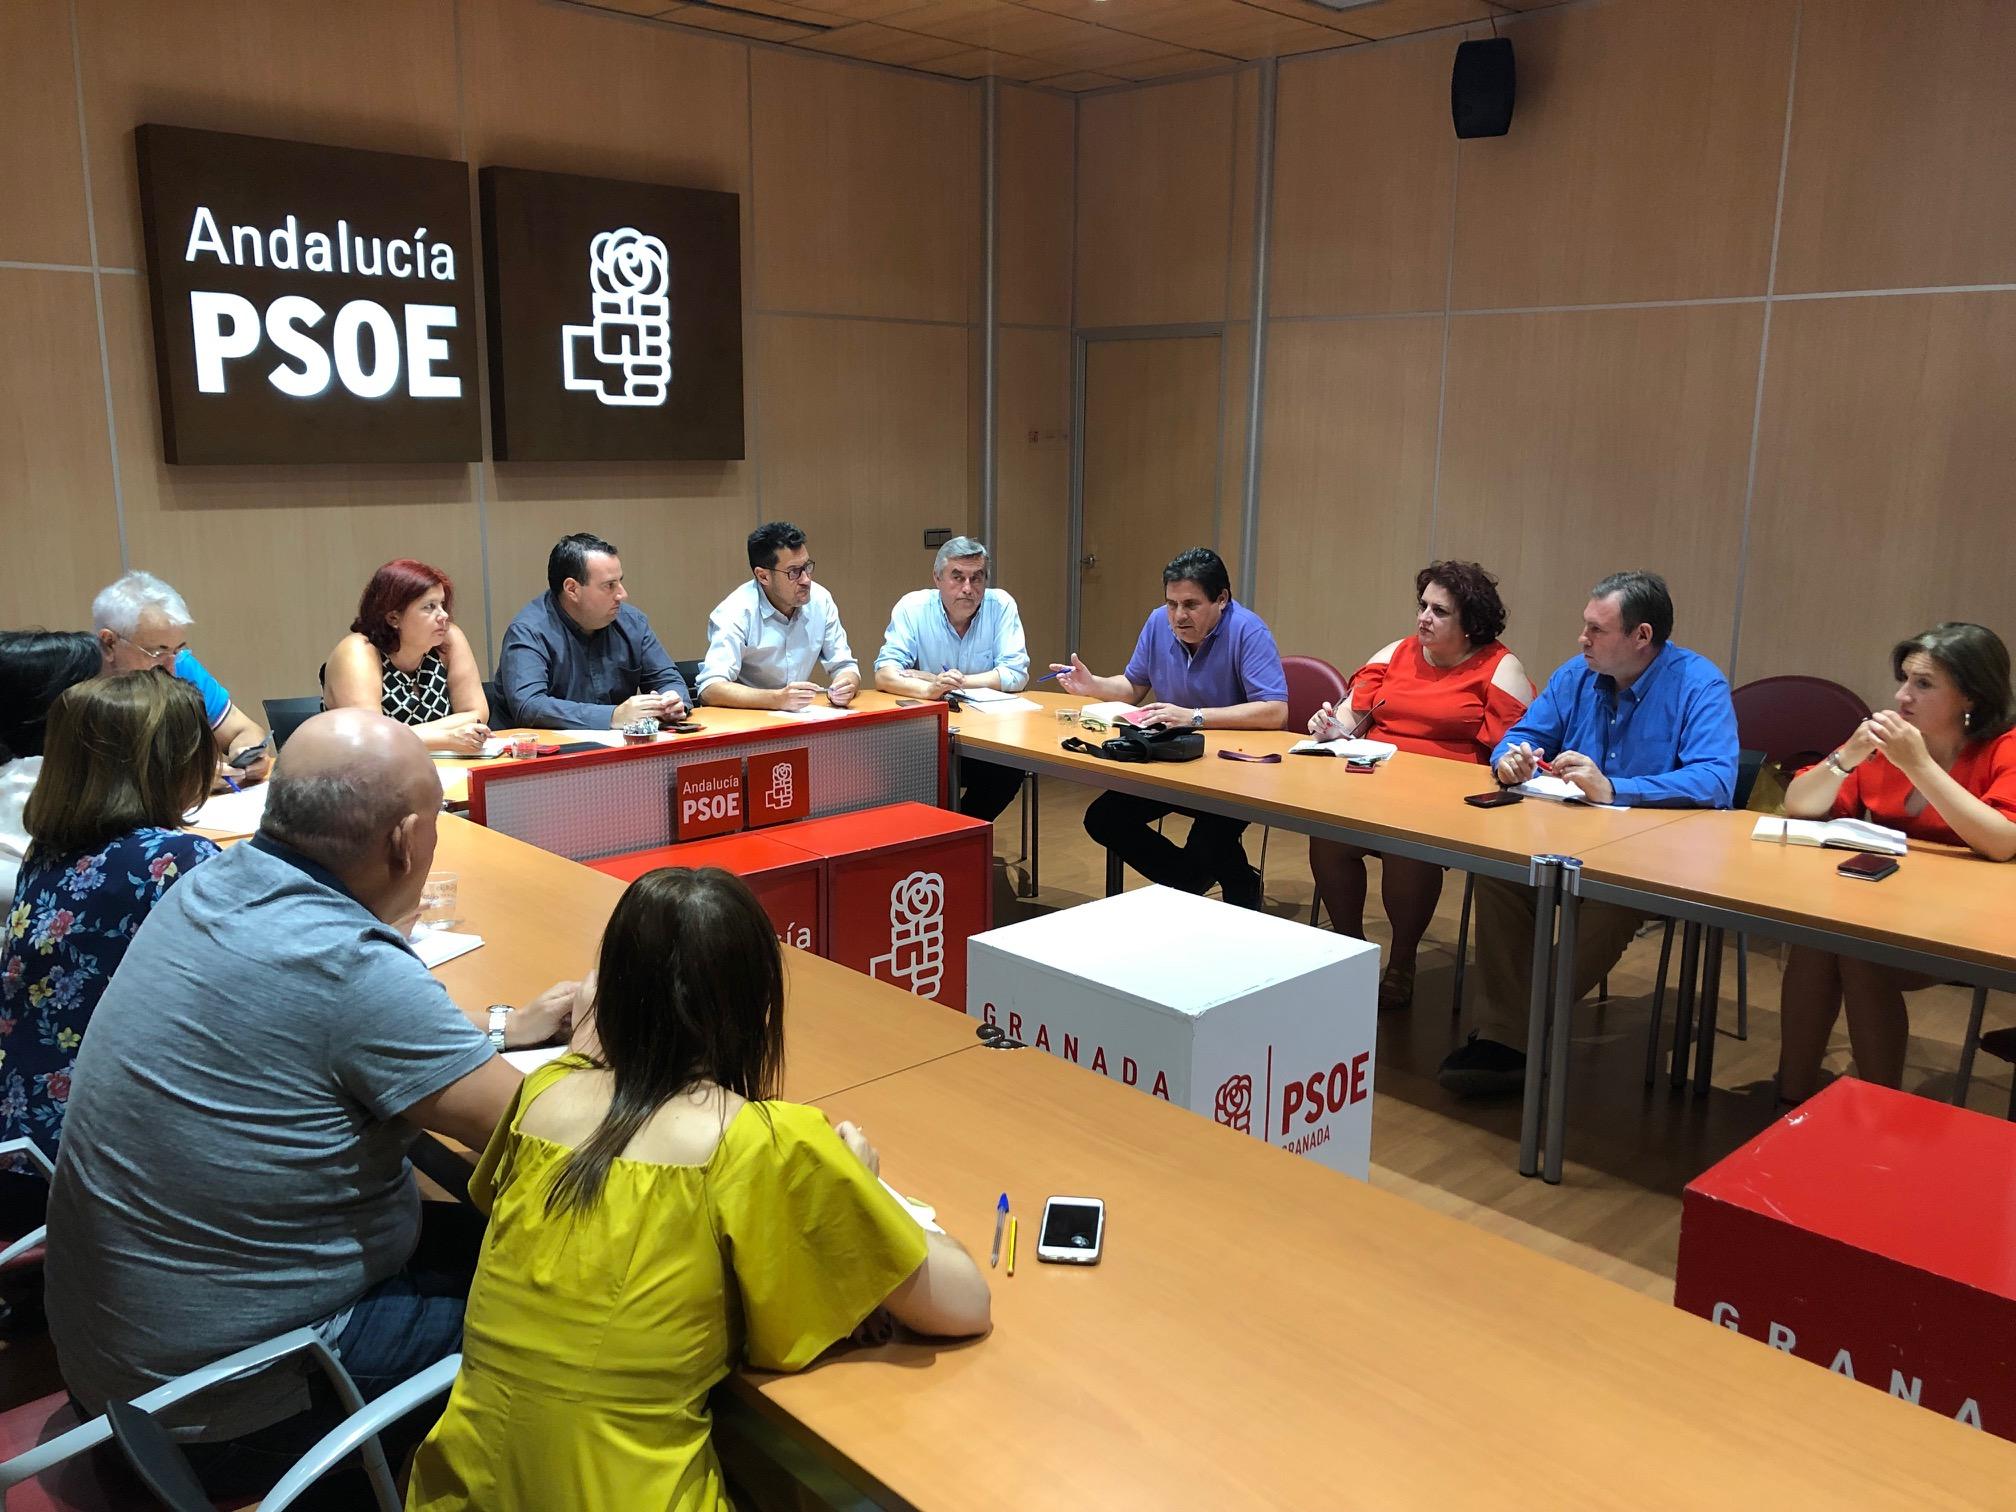 El PSOE de Granada exige a la Junta que aclare si prepara despidos masivos para privatizar servicios públicos